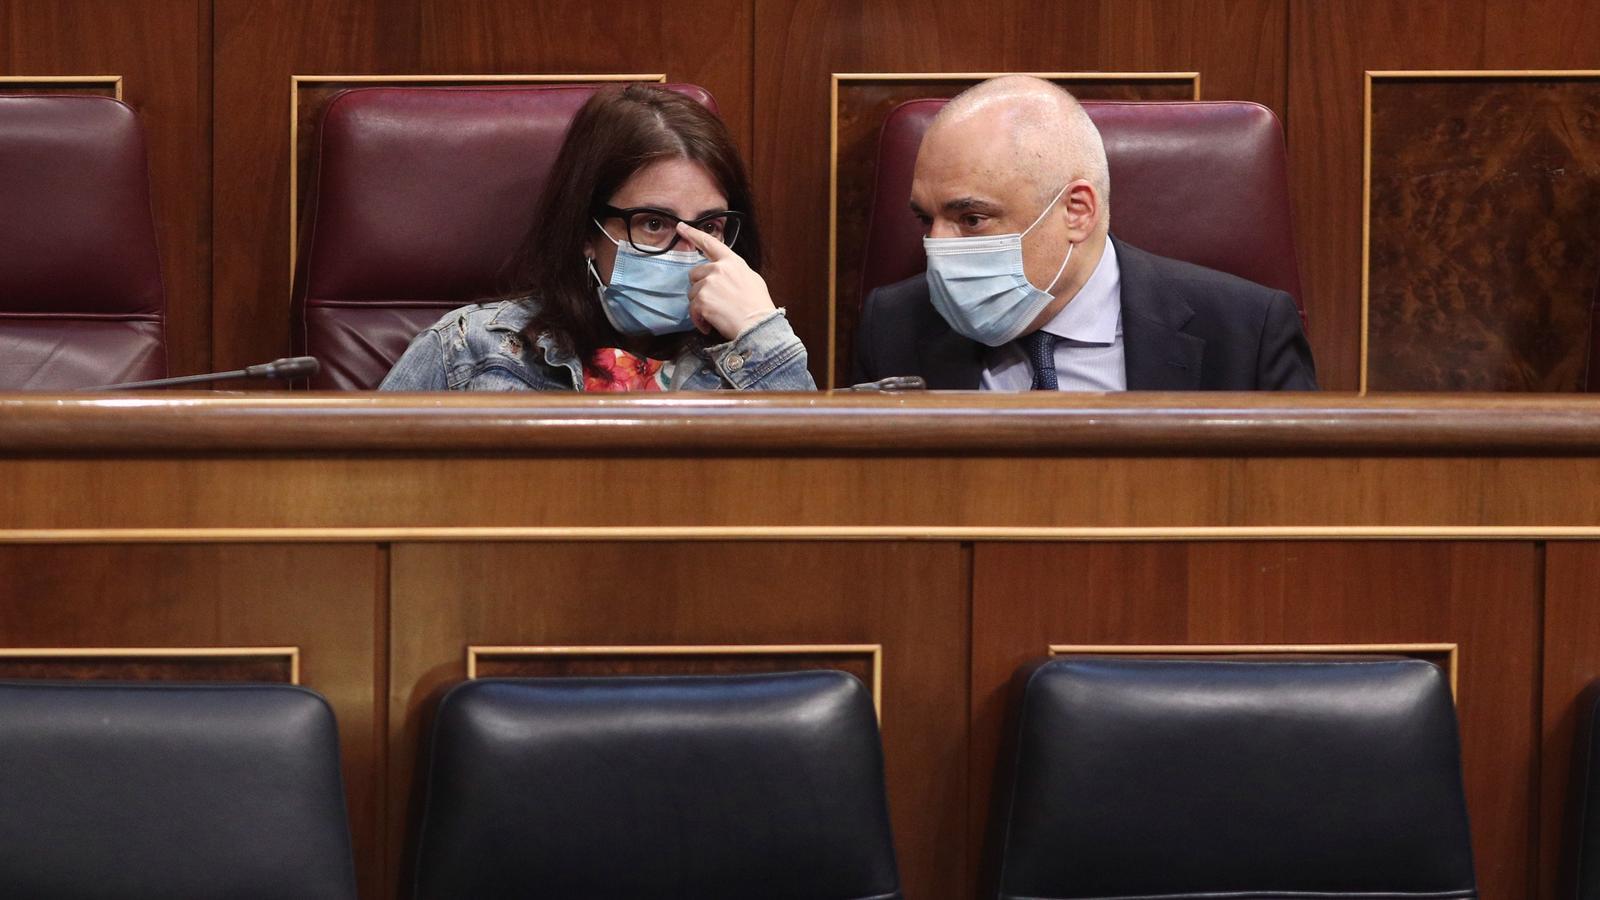 La portaveu del PSOE al Congrés, Adriana Lastra, amb el secretari general del grup parlamentari socialista, Rafael Simancas, conversant durant el ple de la setmana passada.